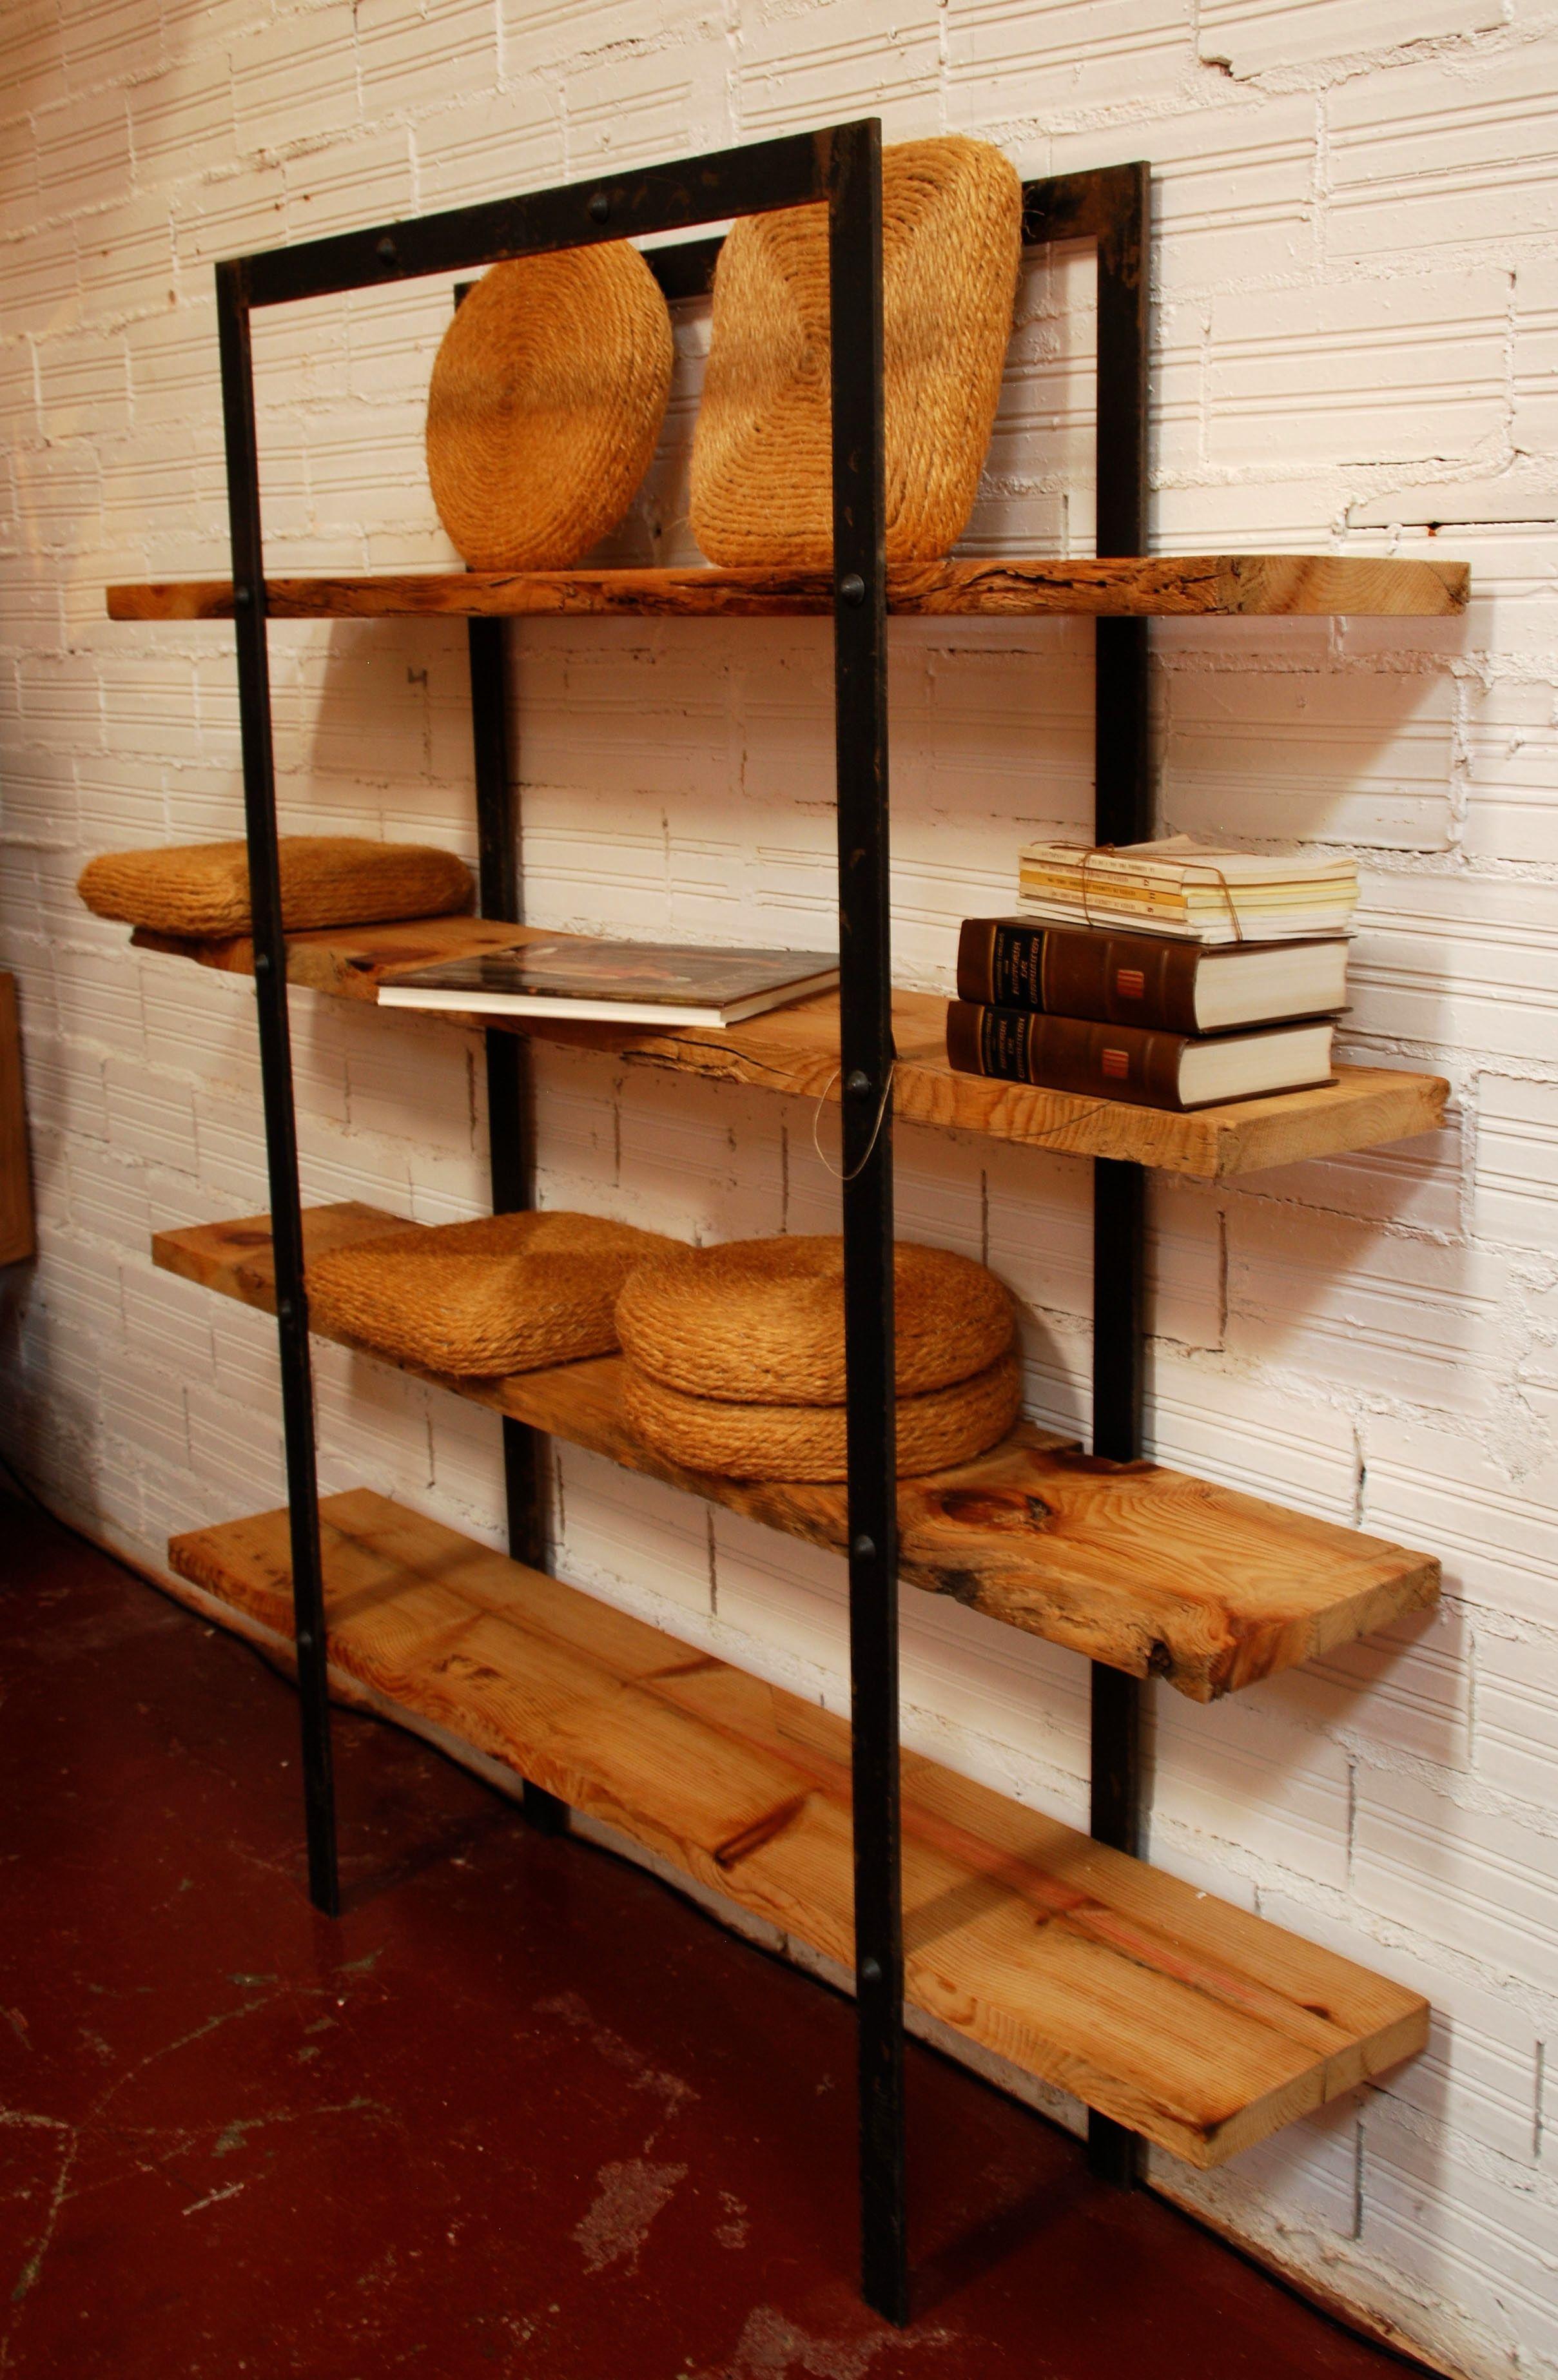 estanteria madera y hierro - Google Search | Ideas para el ... - photo#42